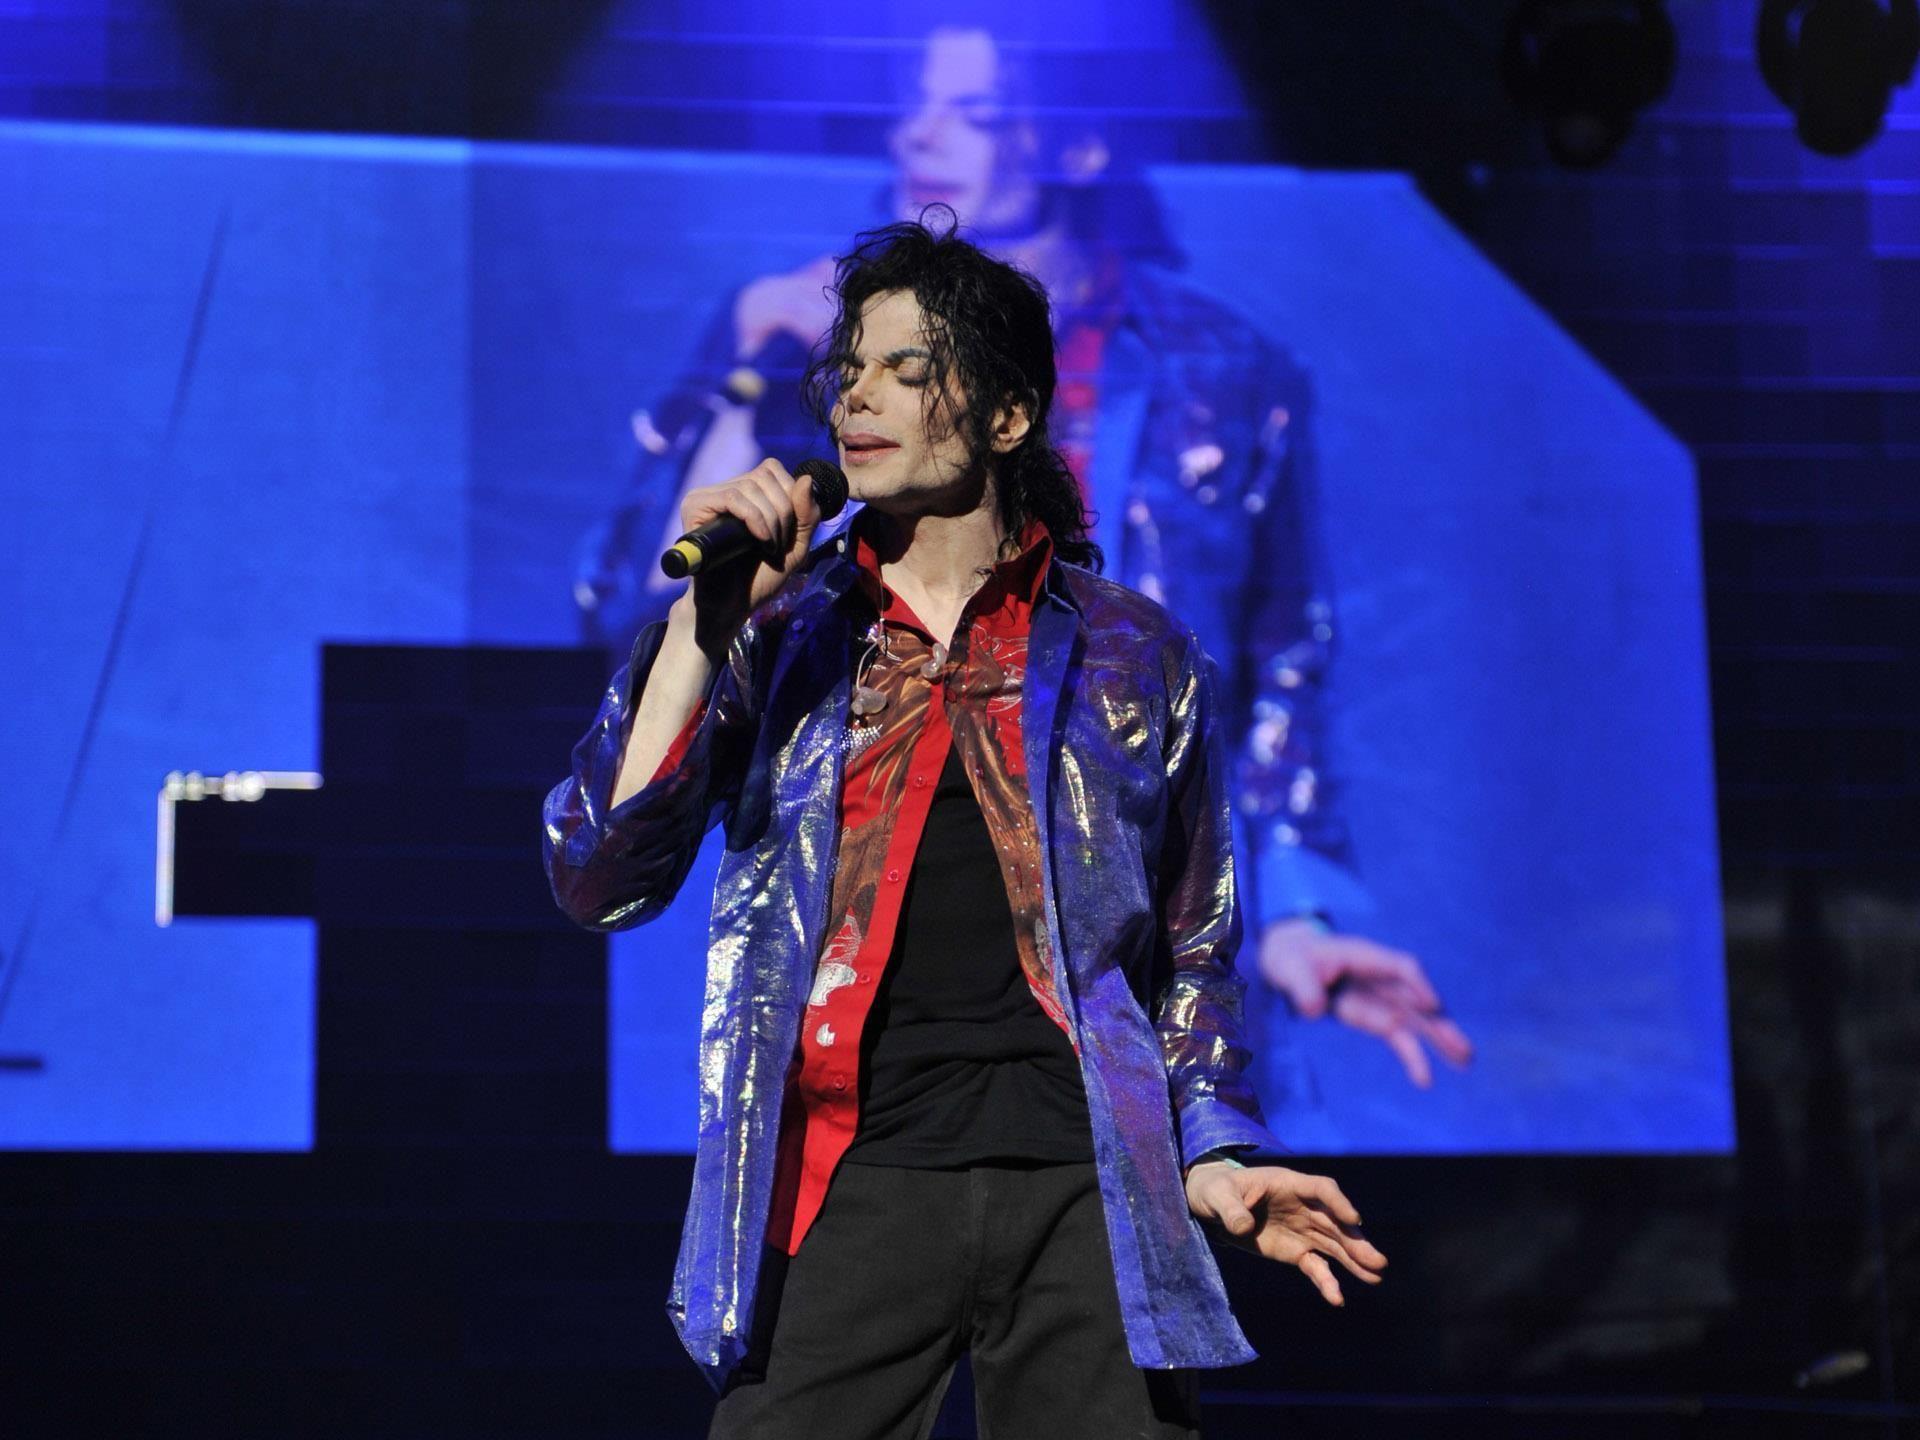 Michael Jackson: This Is It, free Wallpapers and pictures HD - fonds  d'écran gratuits by unesourisetm… | Mort de michael jackson, Histoire du  monde, Micheal jackson